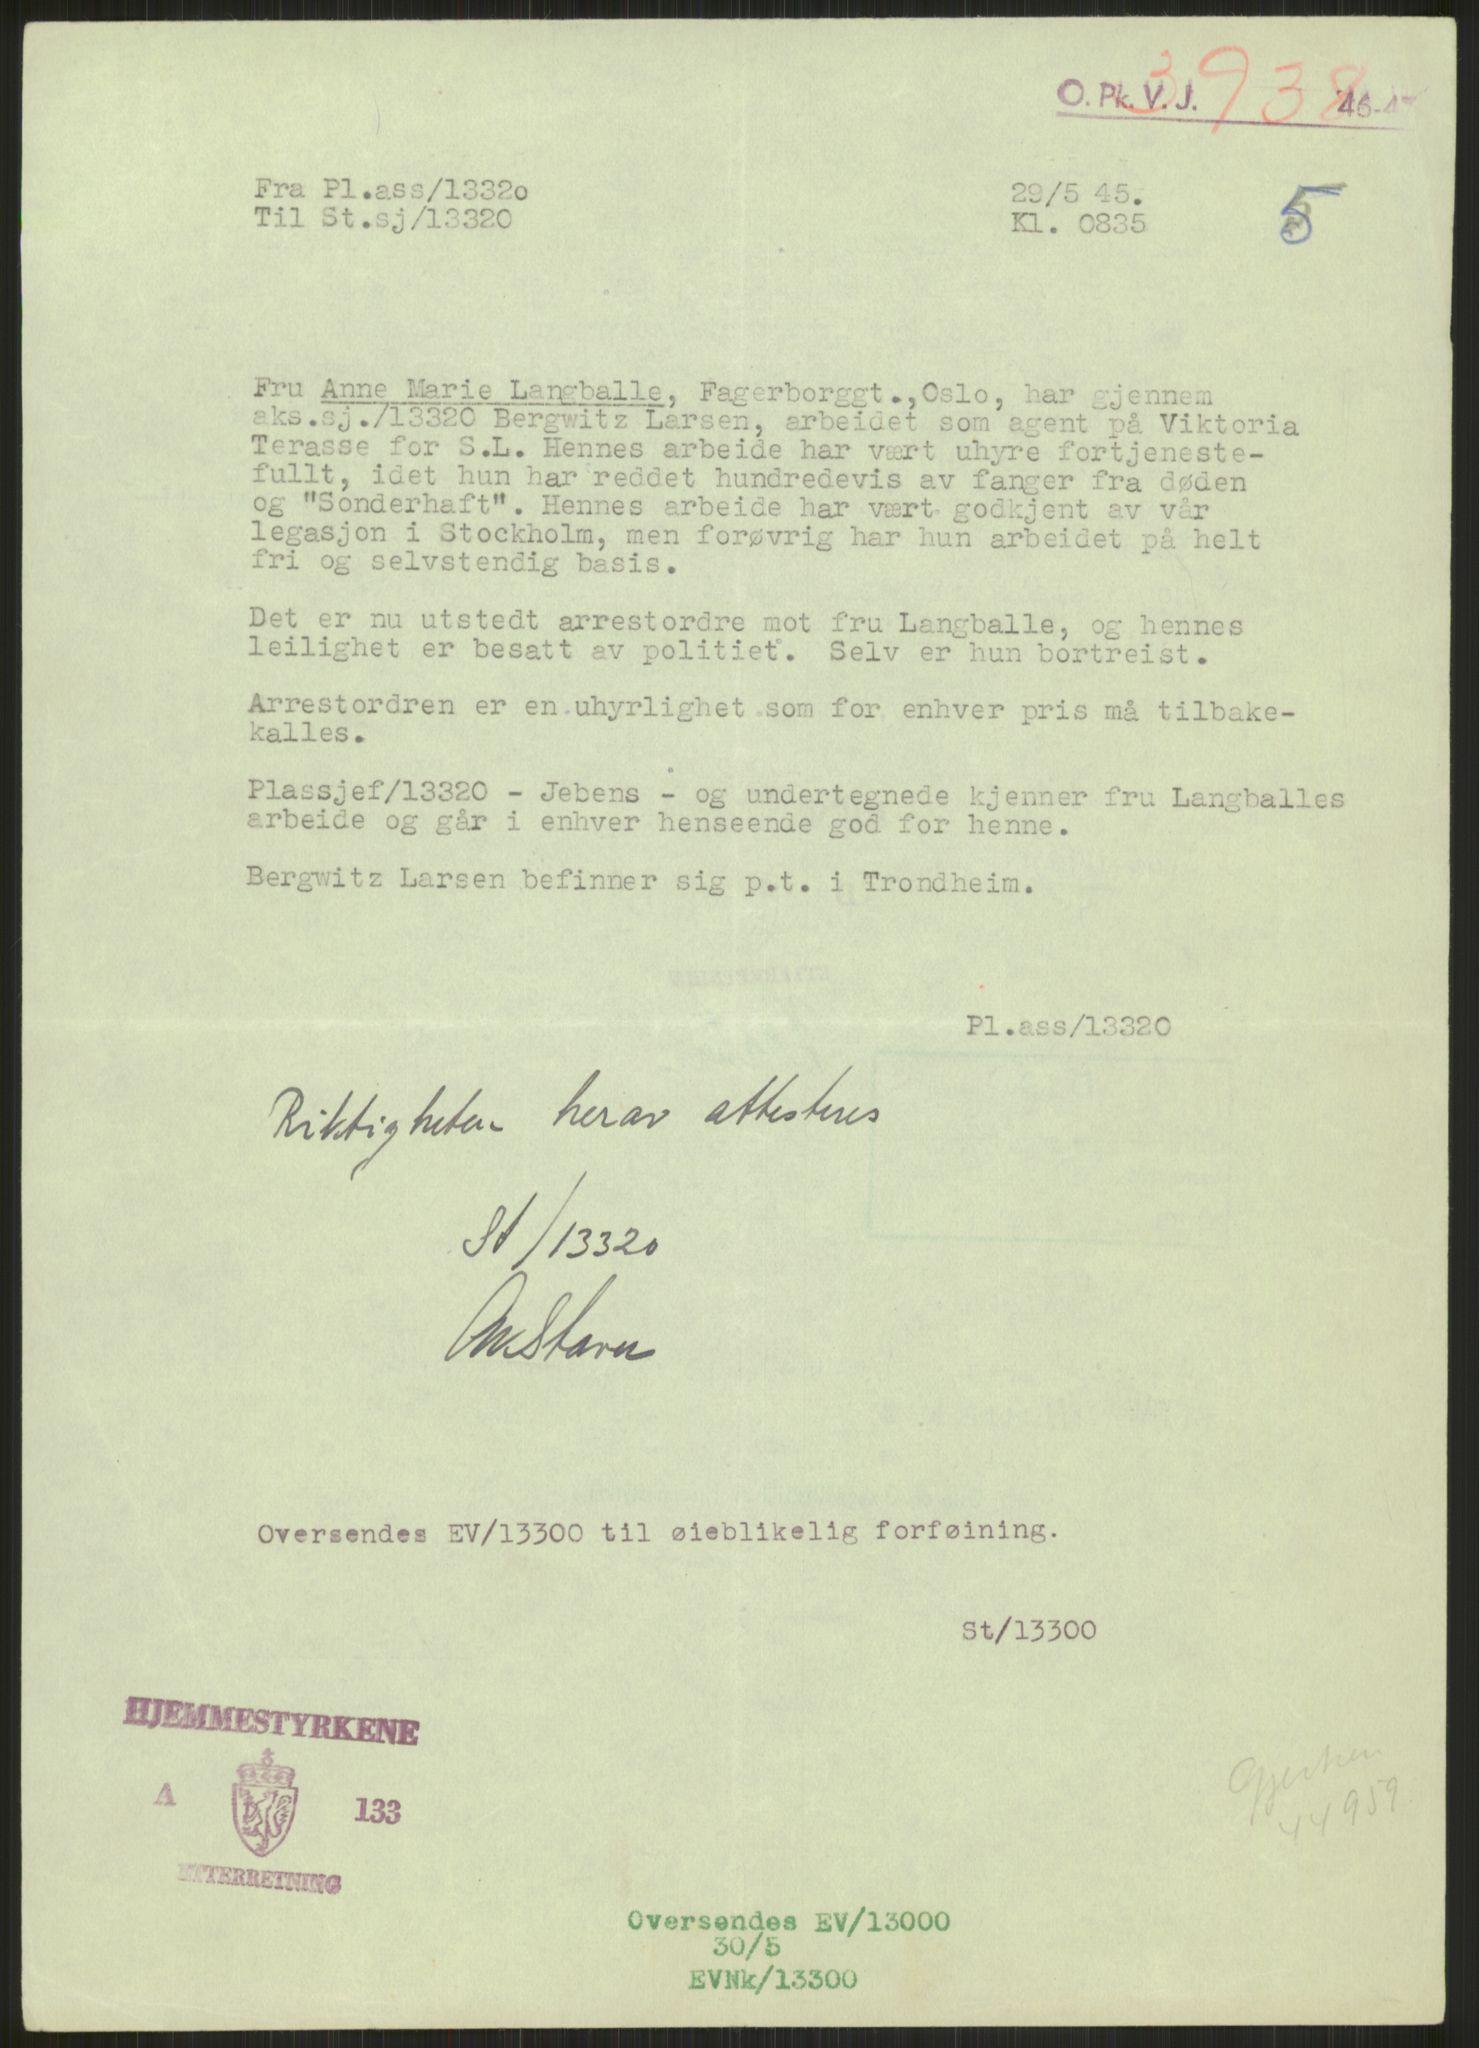 RA, Landssvikarkivet, Oslo politikammer, D/Dg/L0267: Henlagt hnr. 3658, 1945-1946, s. 43